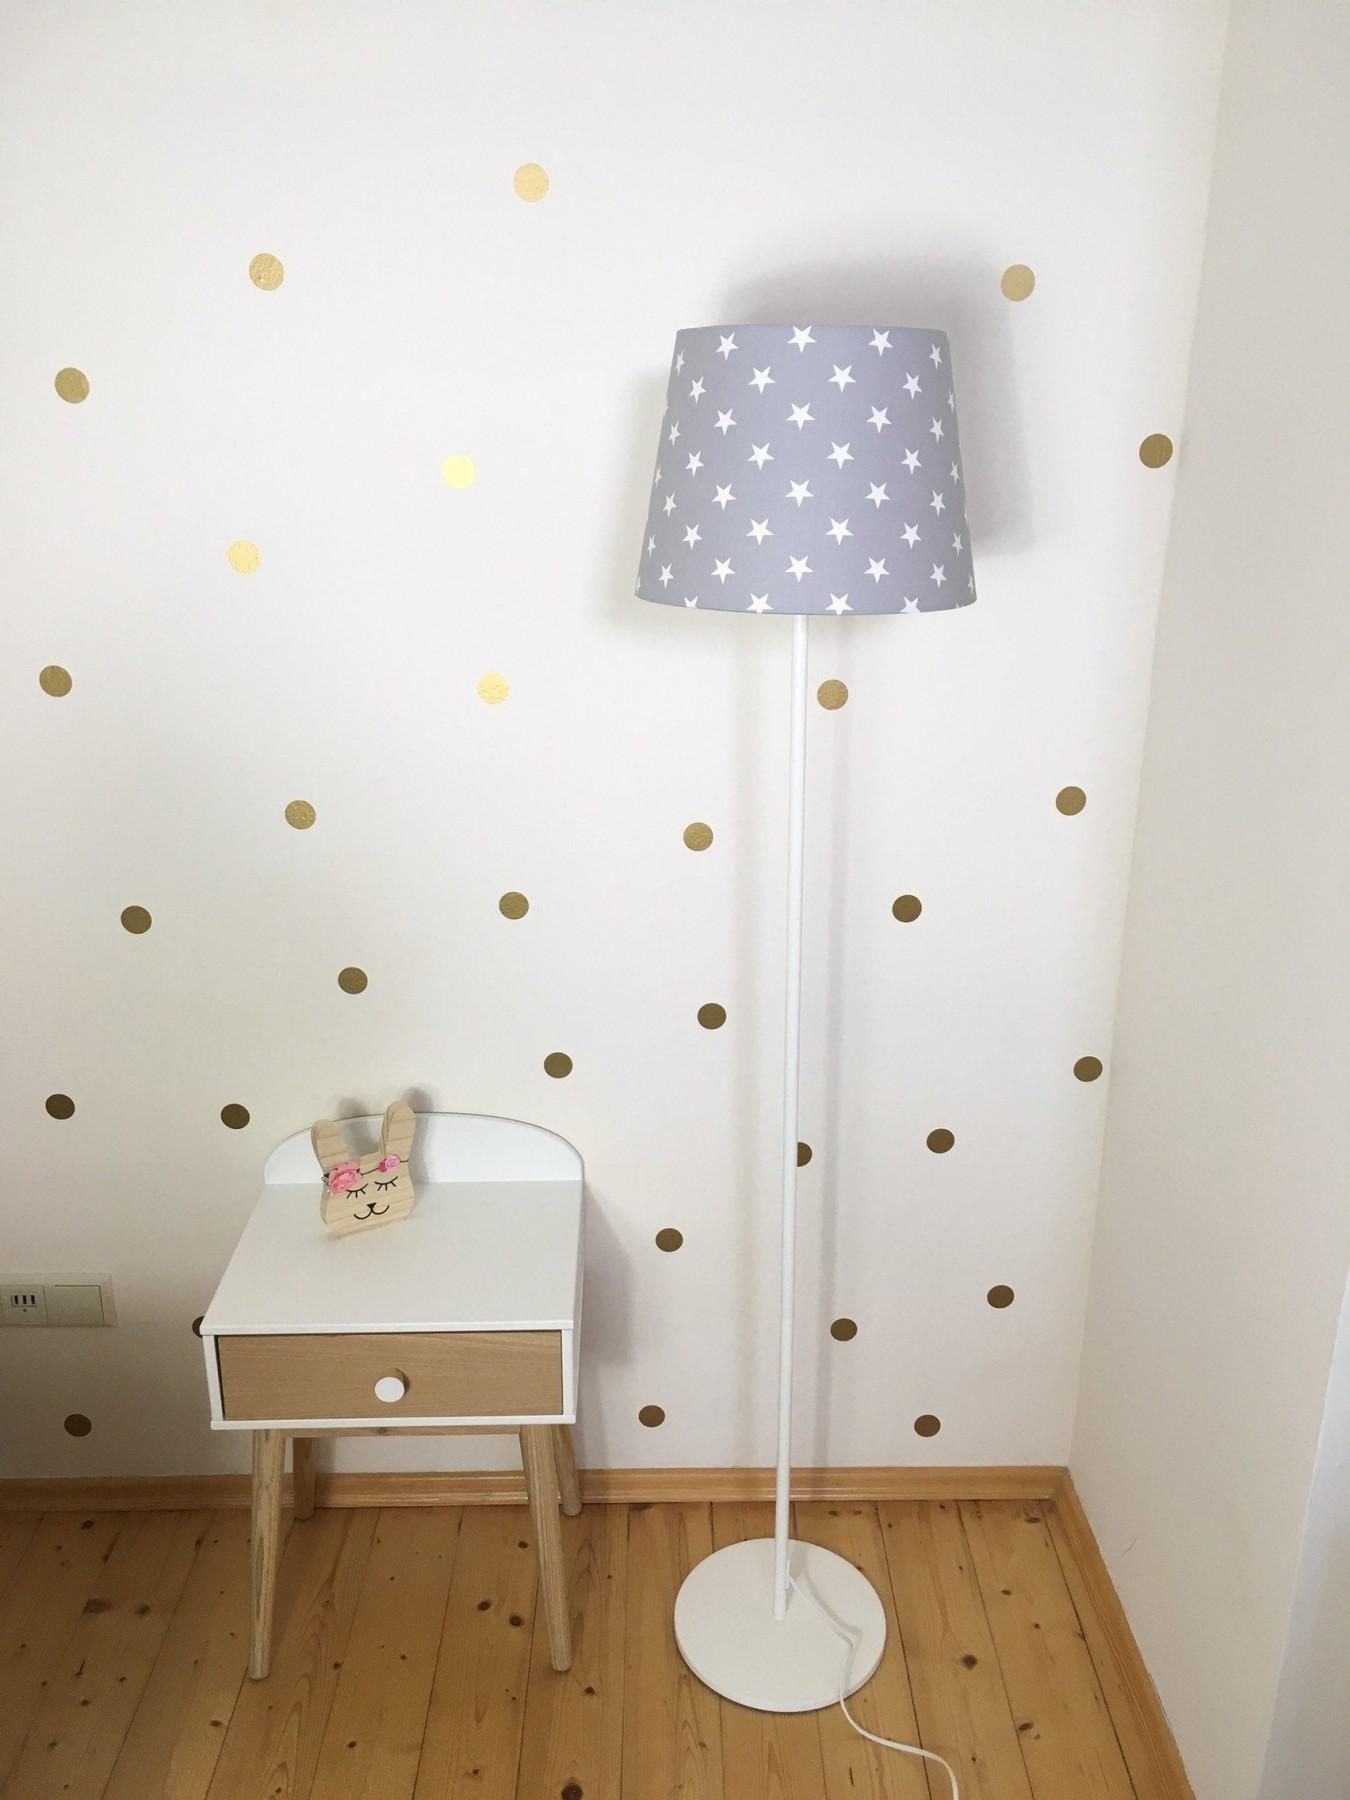 Full Size of Stehlampe Kinderzimmer Stehlampen Wohnzimmer Regal Weiß Sofa Schlafzimmer Regale Kinderzimmer Stehlampe Kinderzimmer